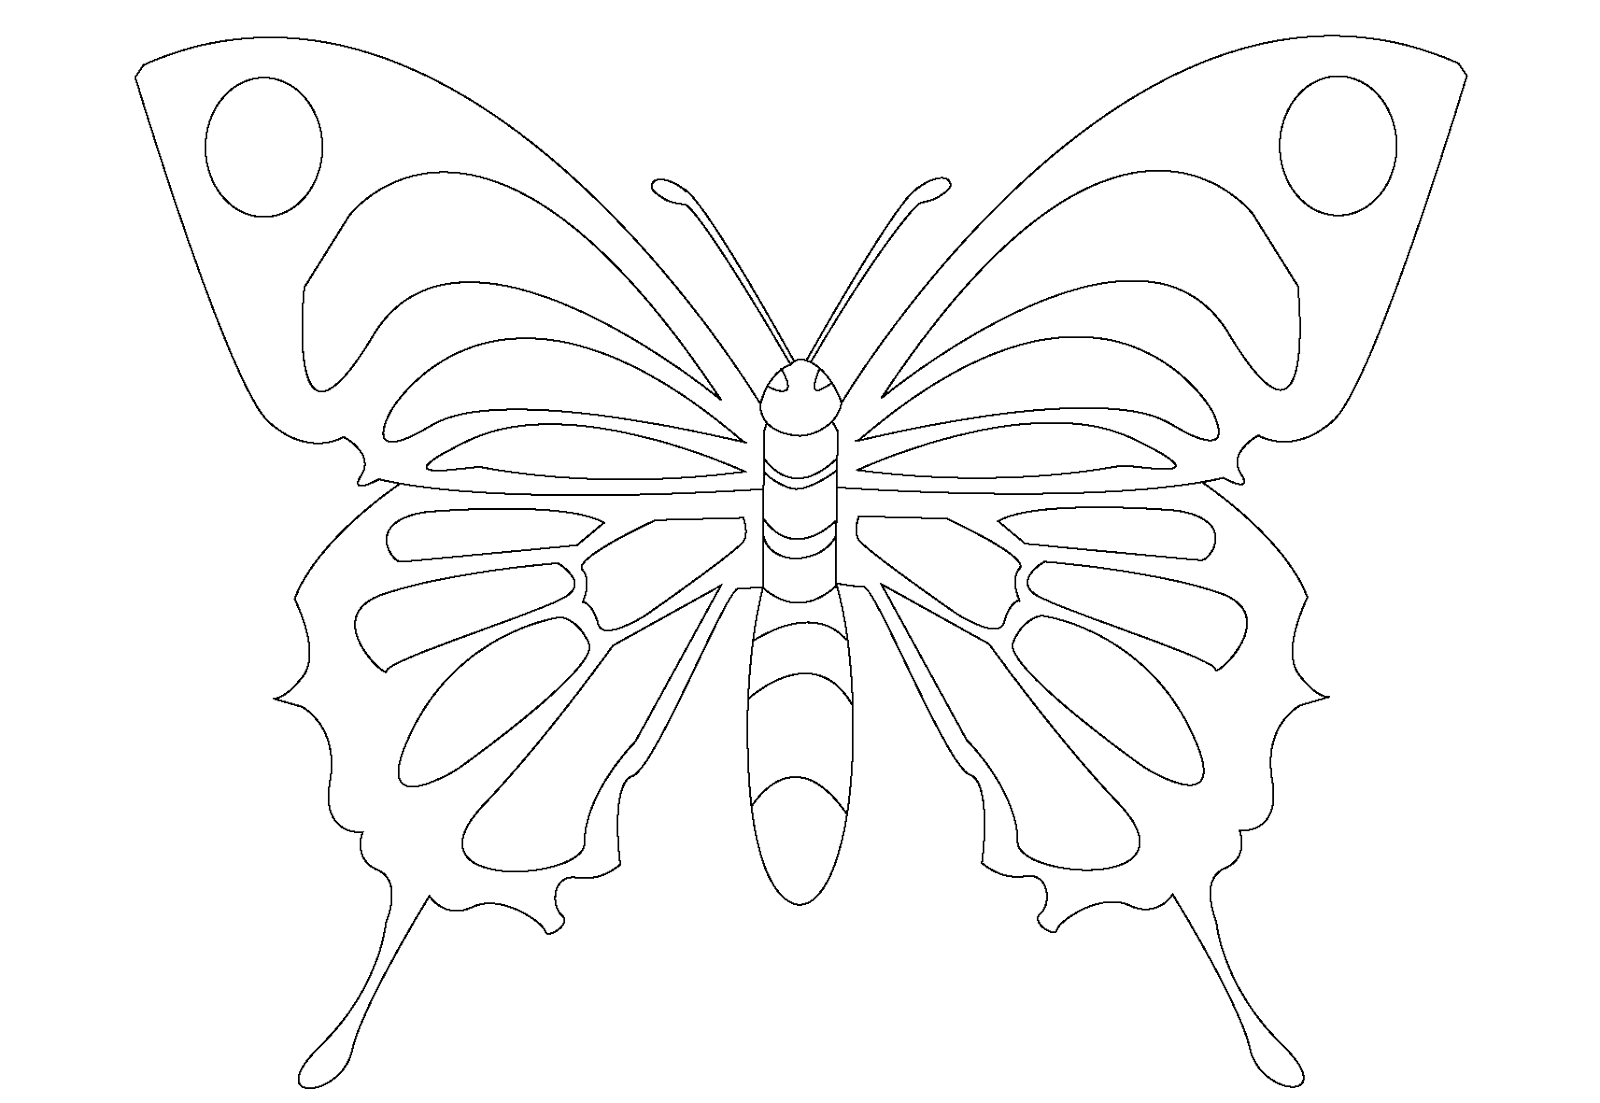 dibujos de para colorear de mariposas plantillas de mariposas para pintar en pared imagui mariposas de de colorear dibujos para